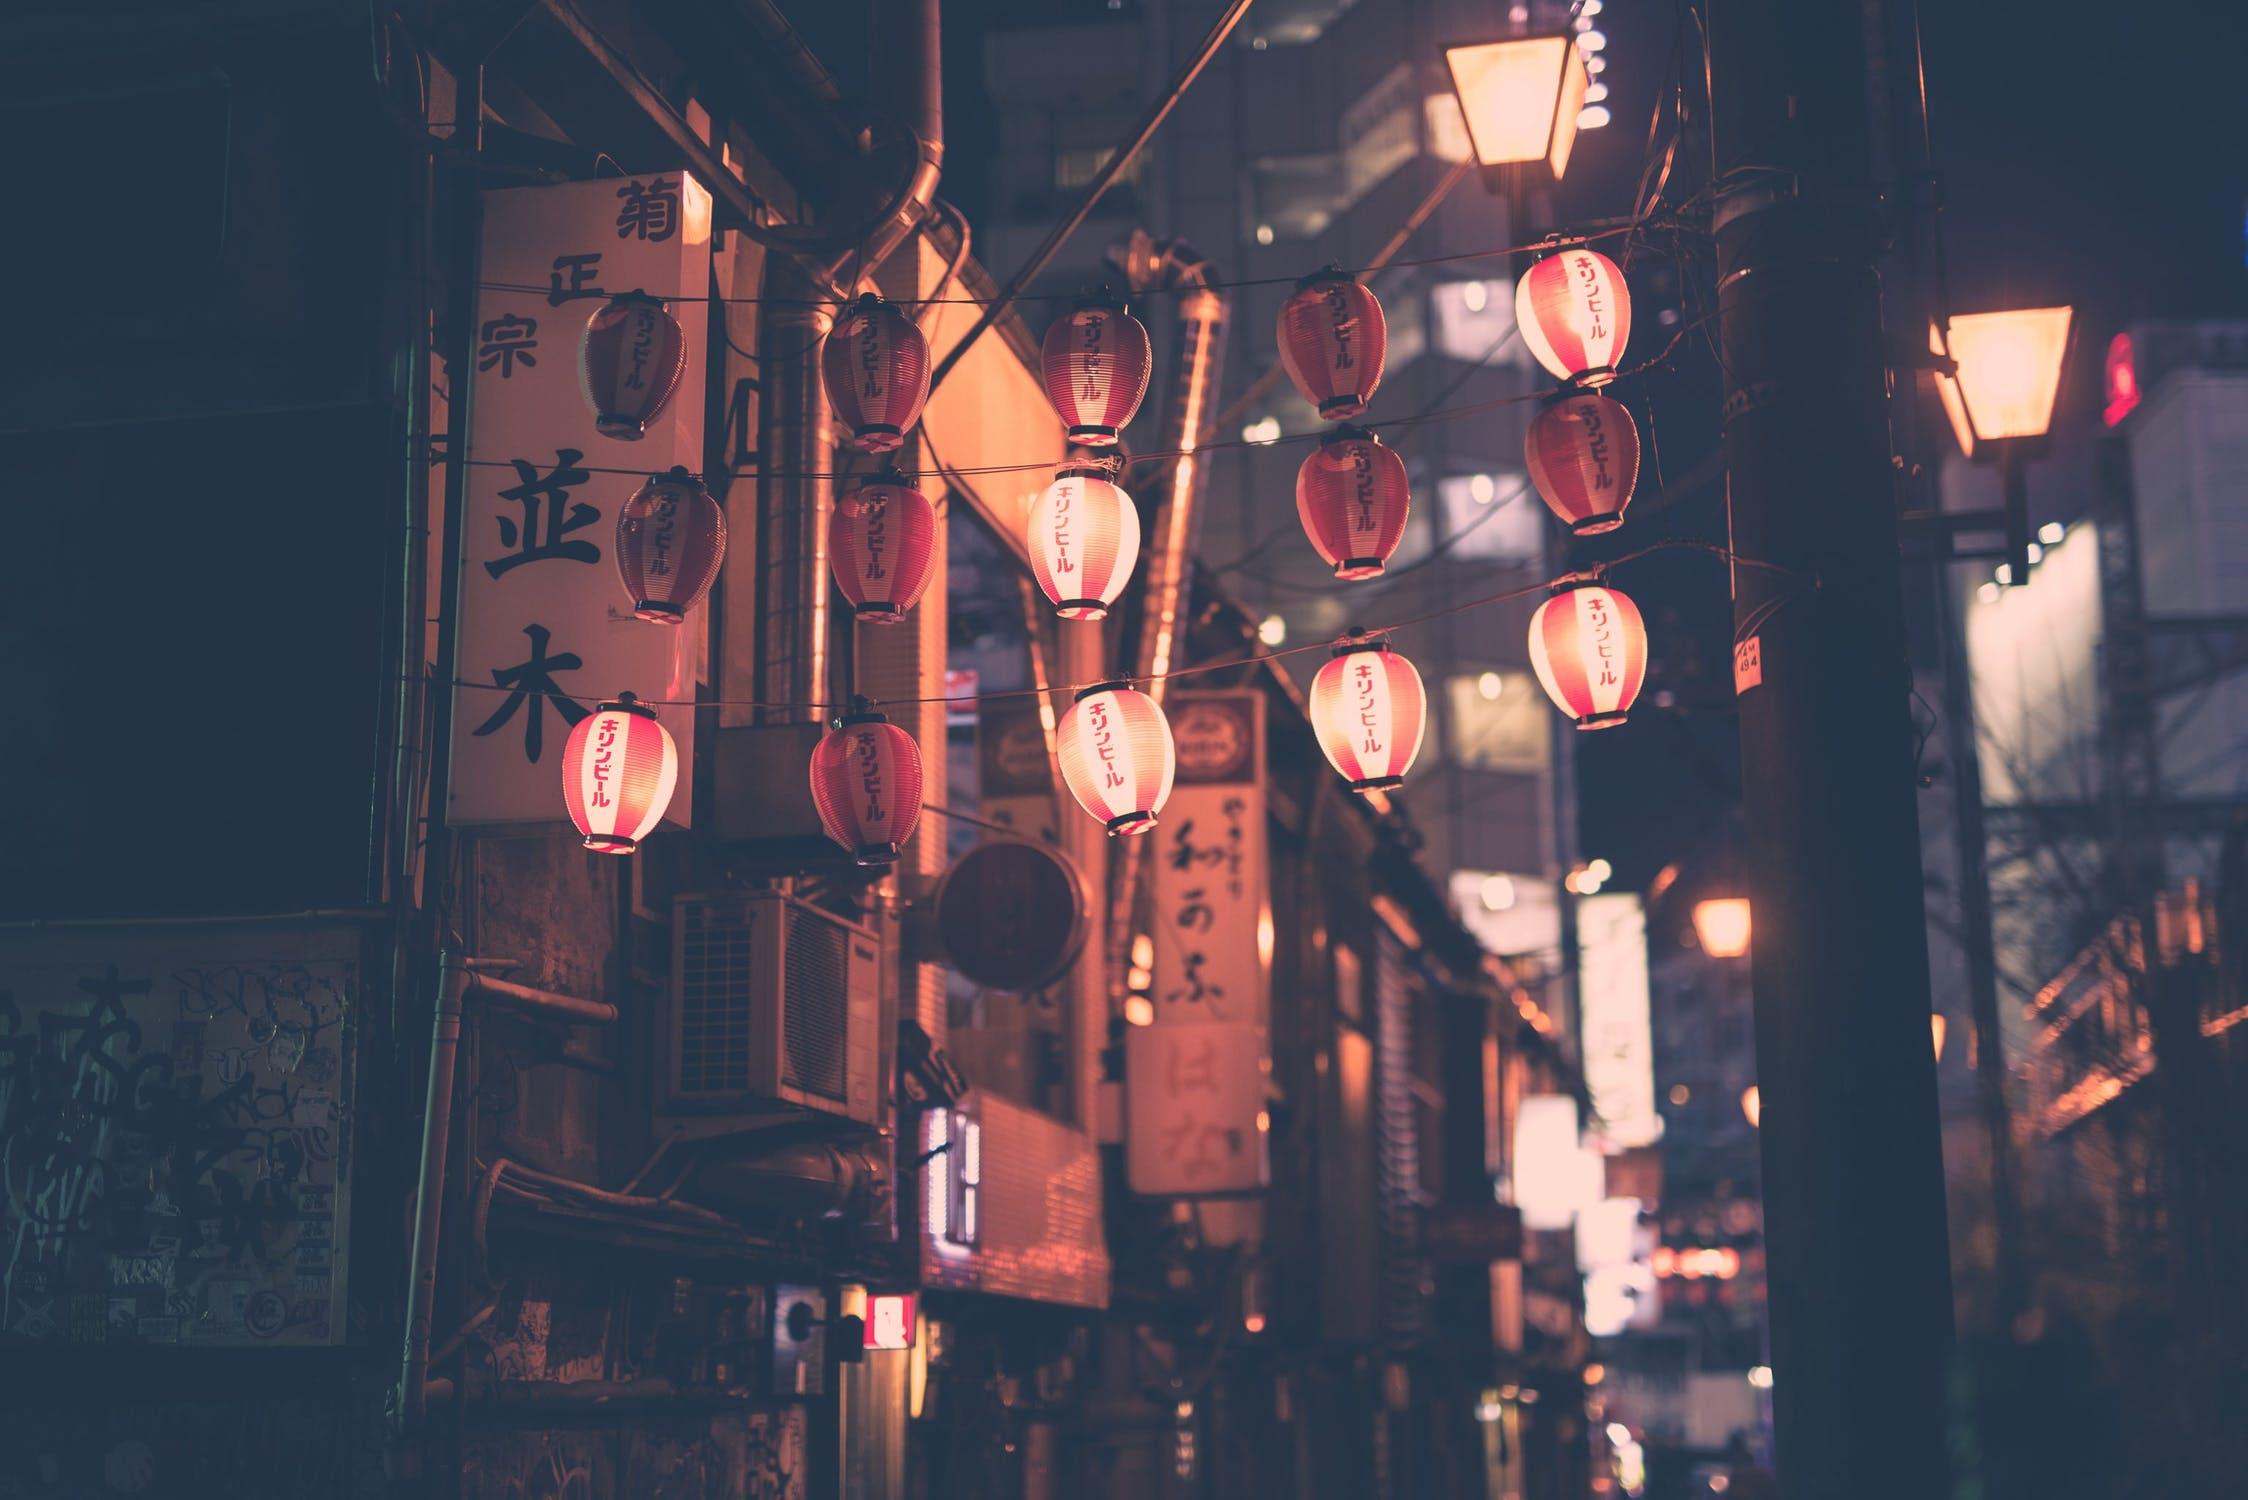 또다시 일본 여행을 계획하며